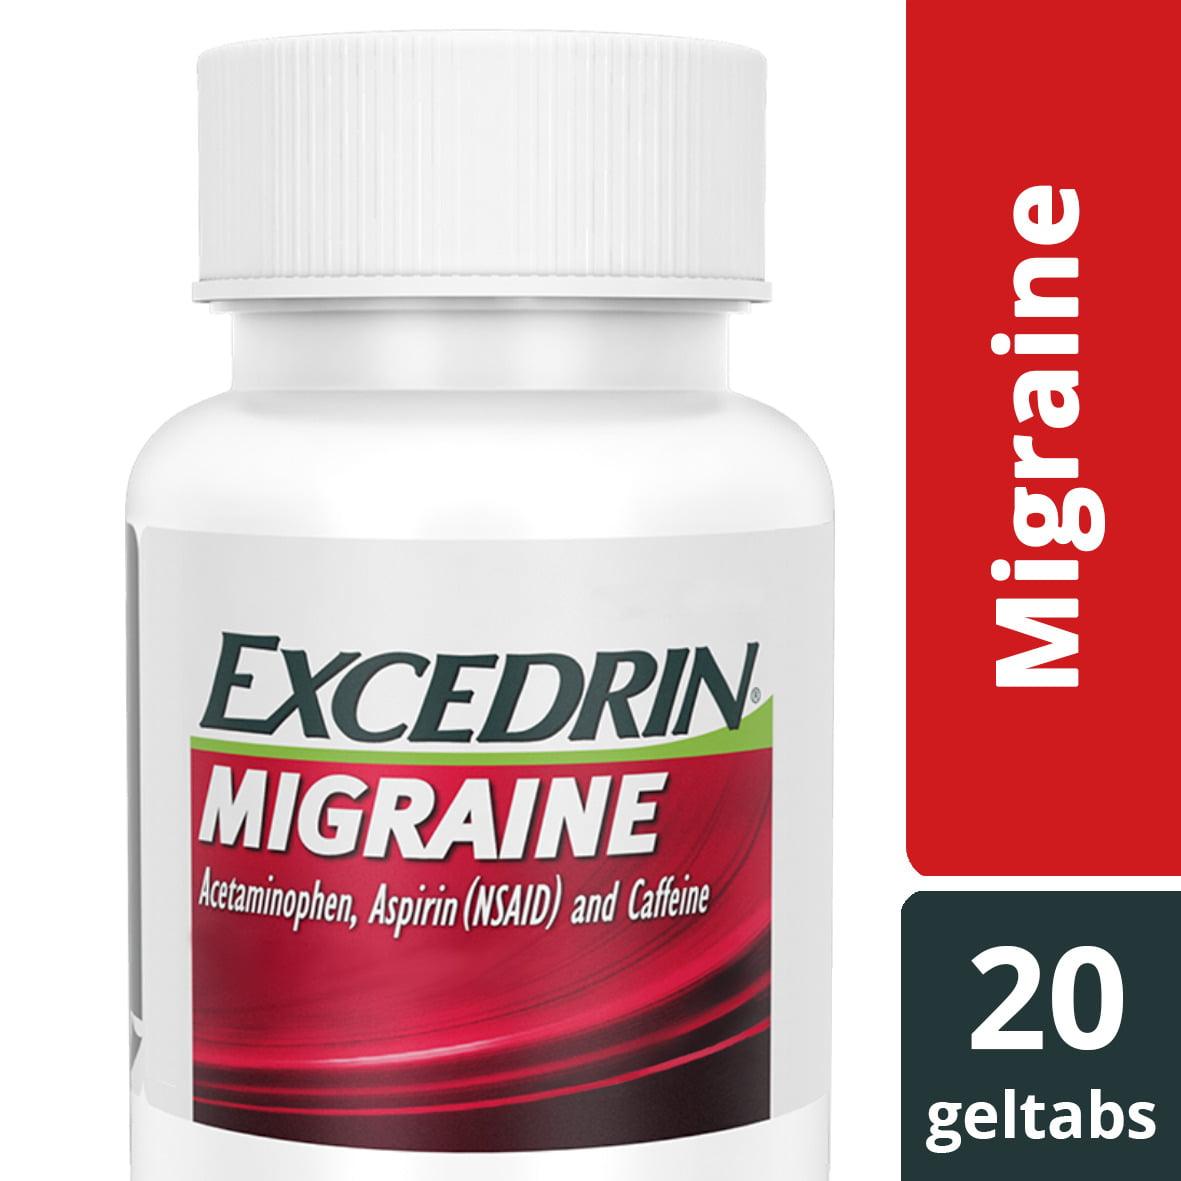 Excedrin Migraine Geltabs for Migraine Relief, 20 count